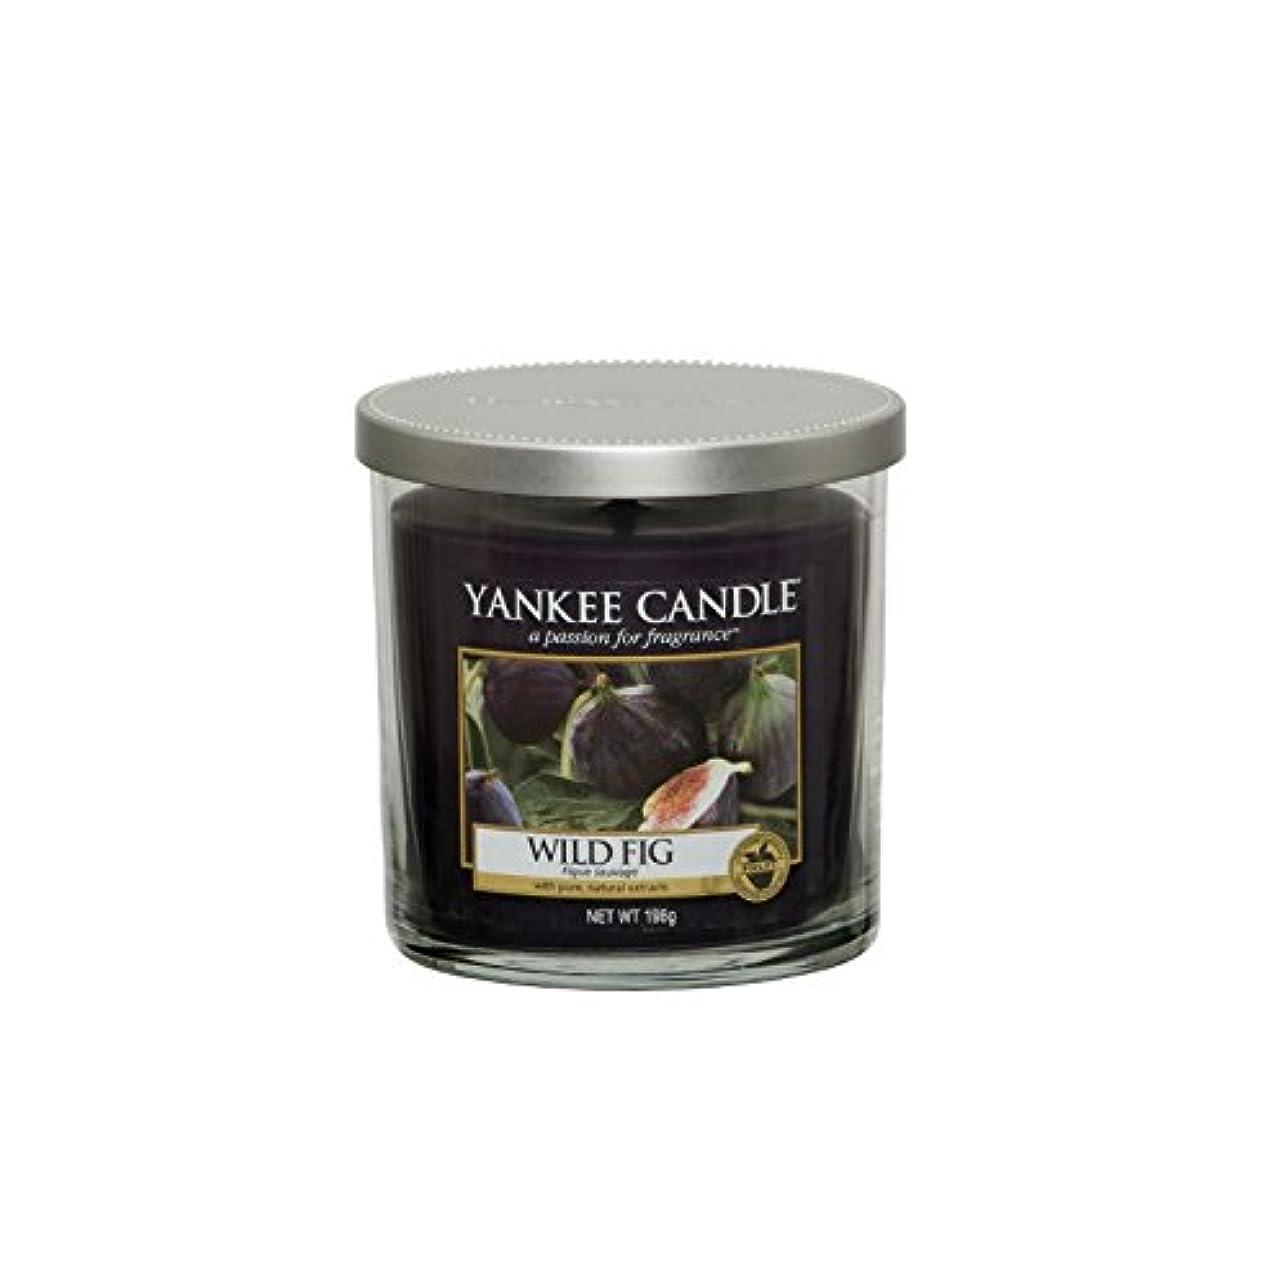 お尻小石のどヤンキーキャンドルの小さな柱キャンドル - 野生のイチジク - Yankee Candles Small Pillar Candle - Wild Fig (Yankee Candles) [並行輸入品]